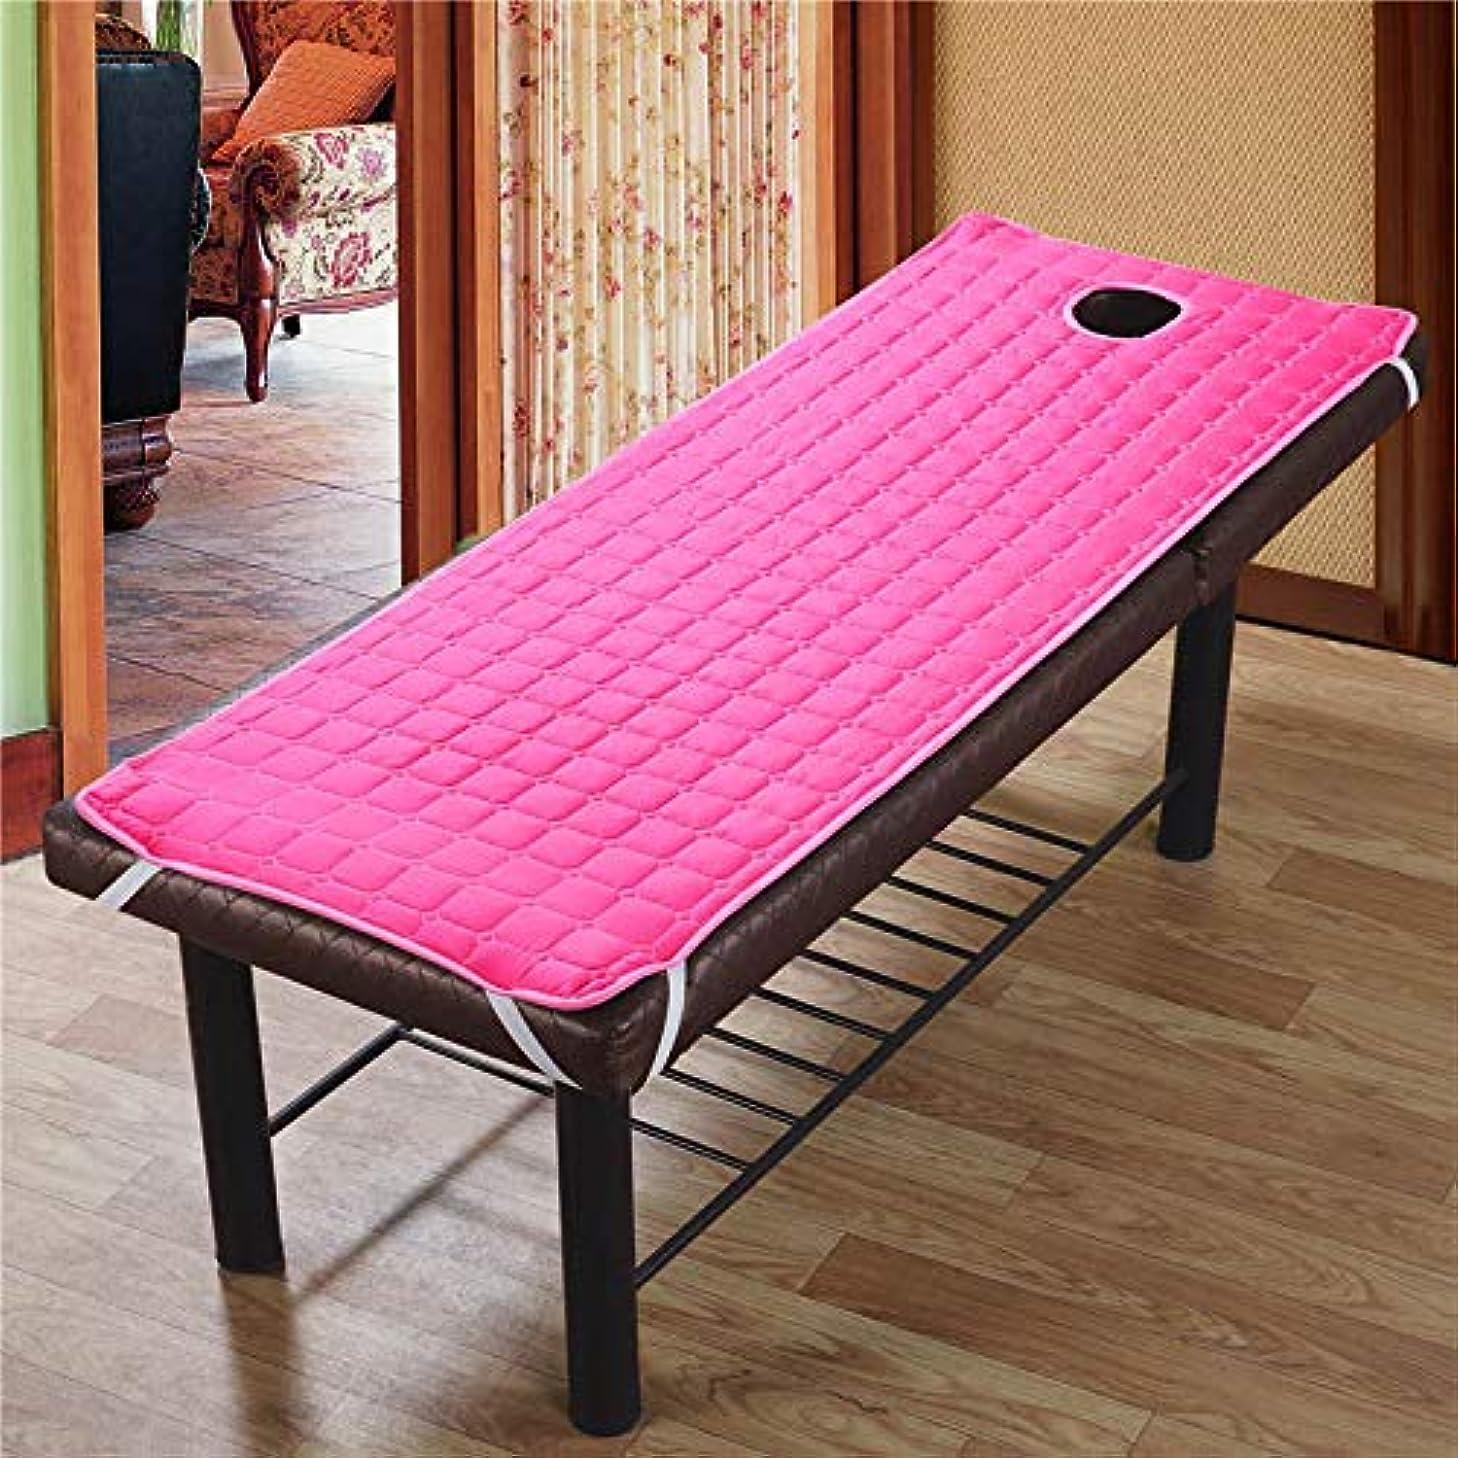 知覚できる本質的に同様のJanusSaja 美容院のマッサージ療法のベッドのための滑り止めのSoliod色の長方形のマットレス